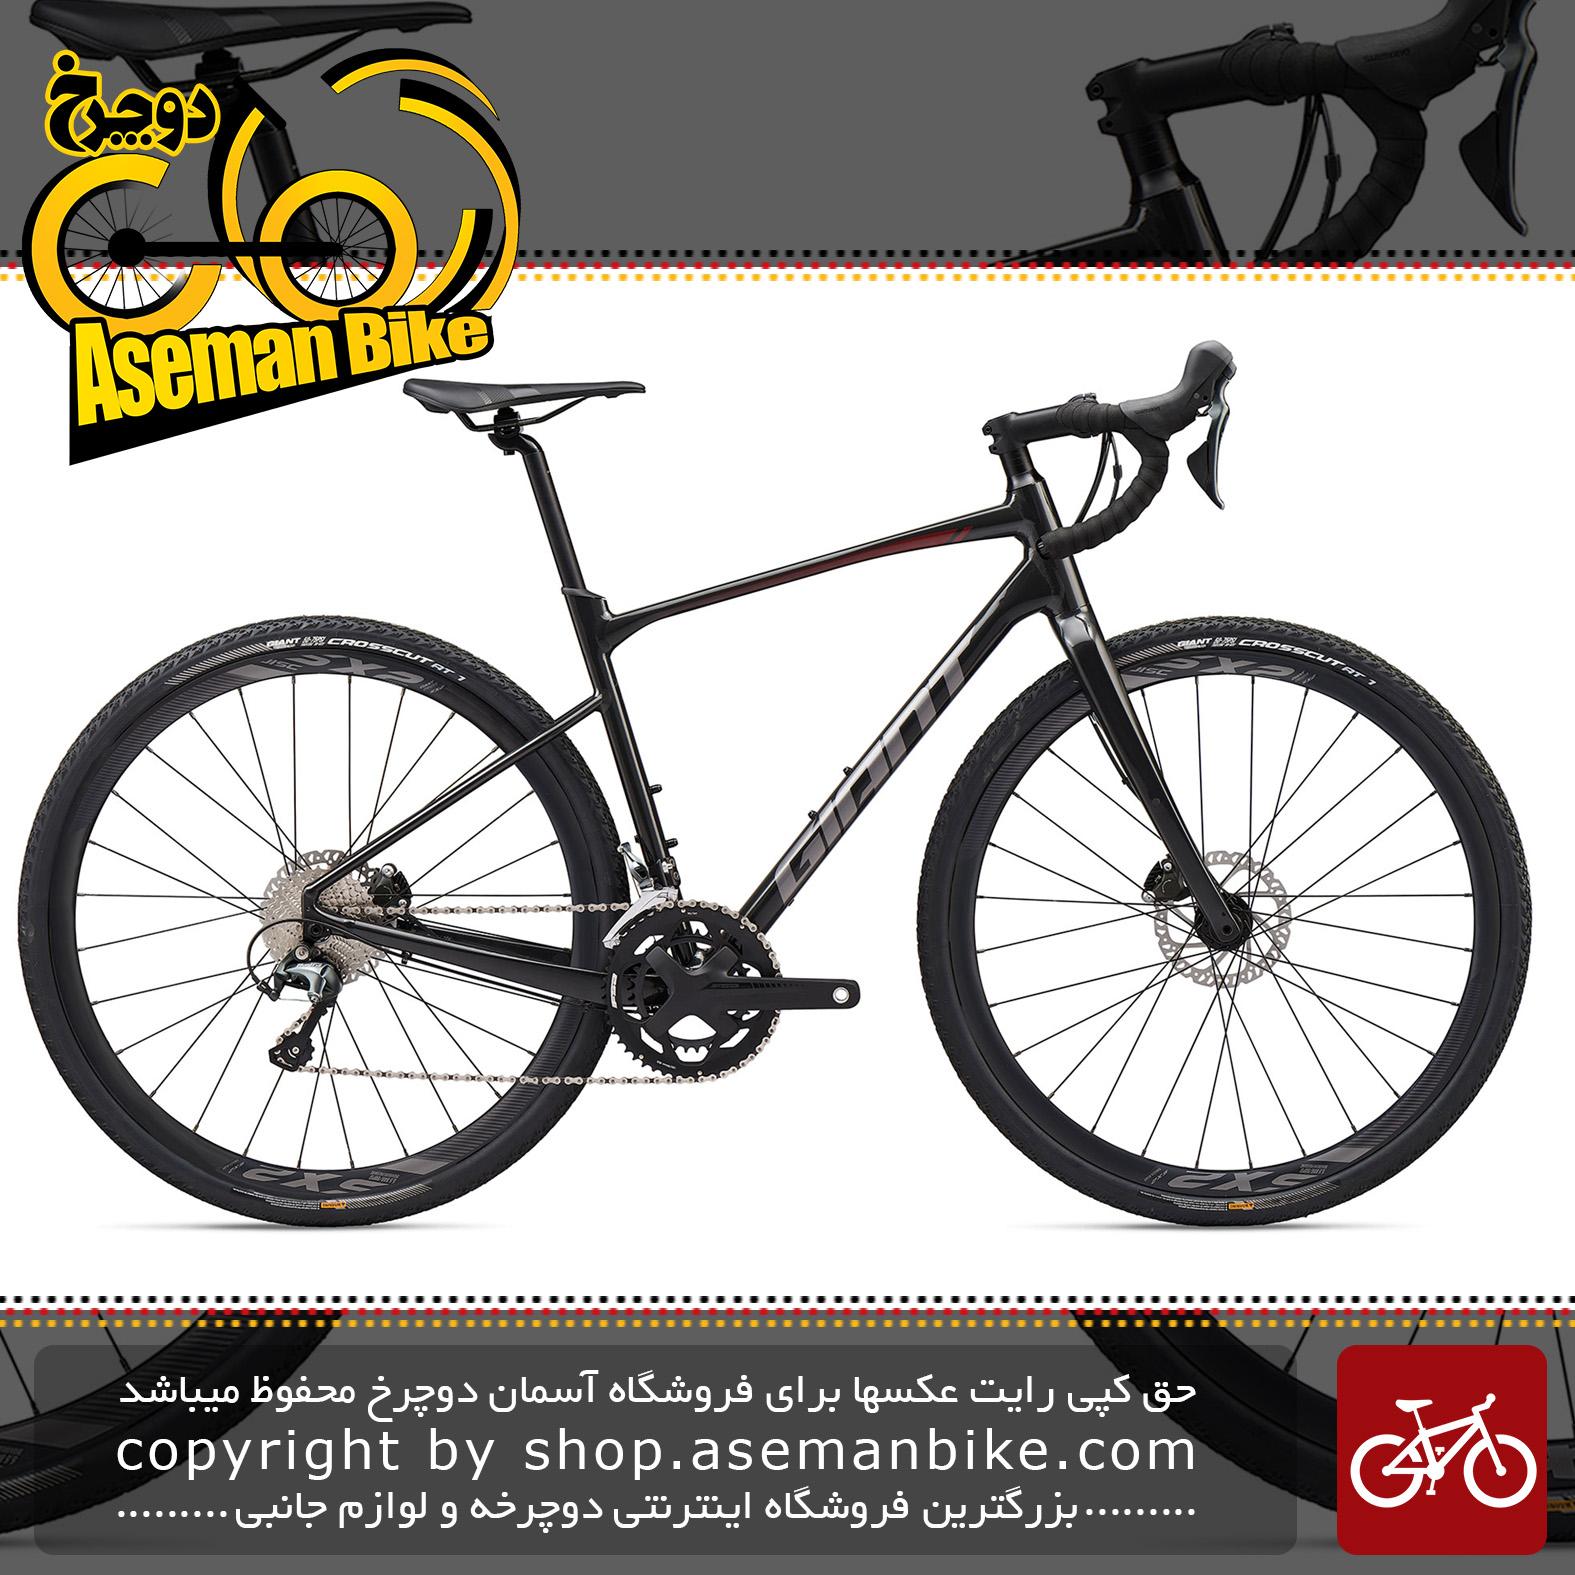 دوچرخه دومنظوره جاینت مدل ریولت 1 هیدرولیک 2020 Giant Gravel Bicycle Revolt 1 Hydraulic 2020